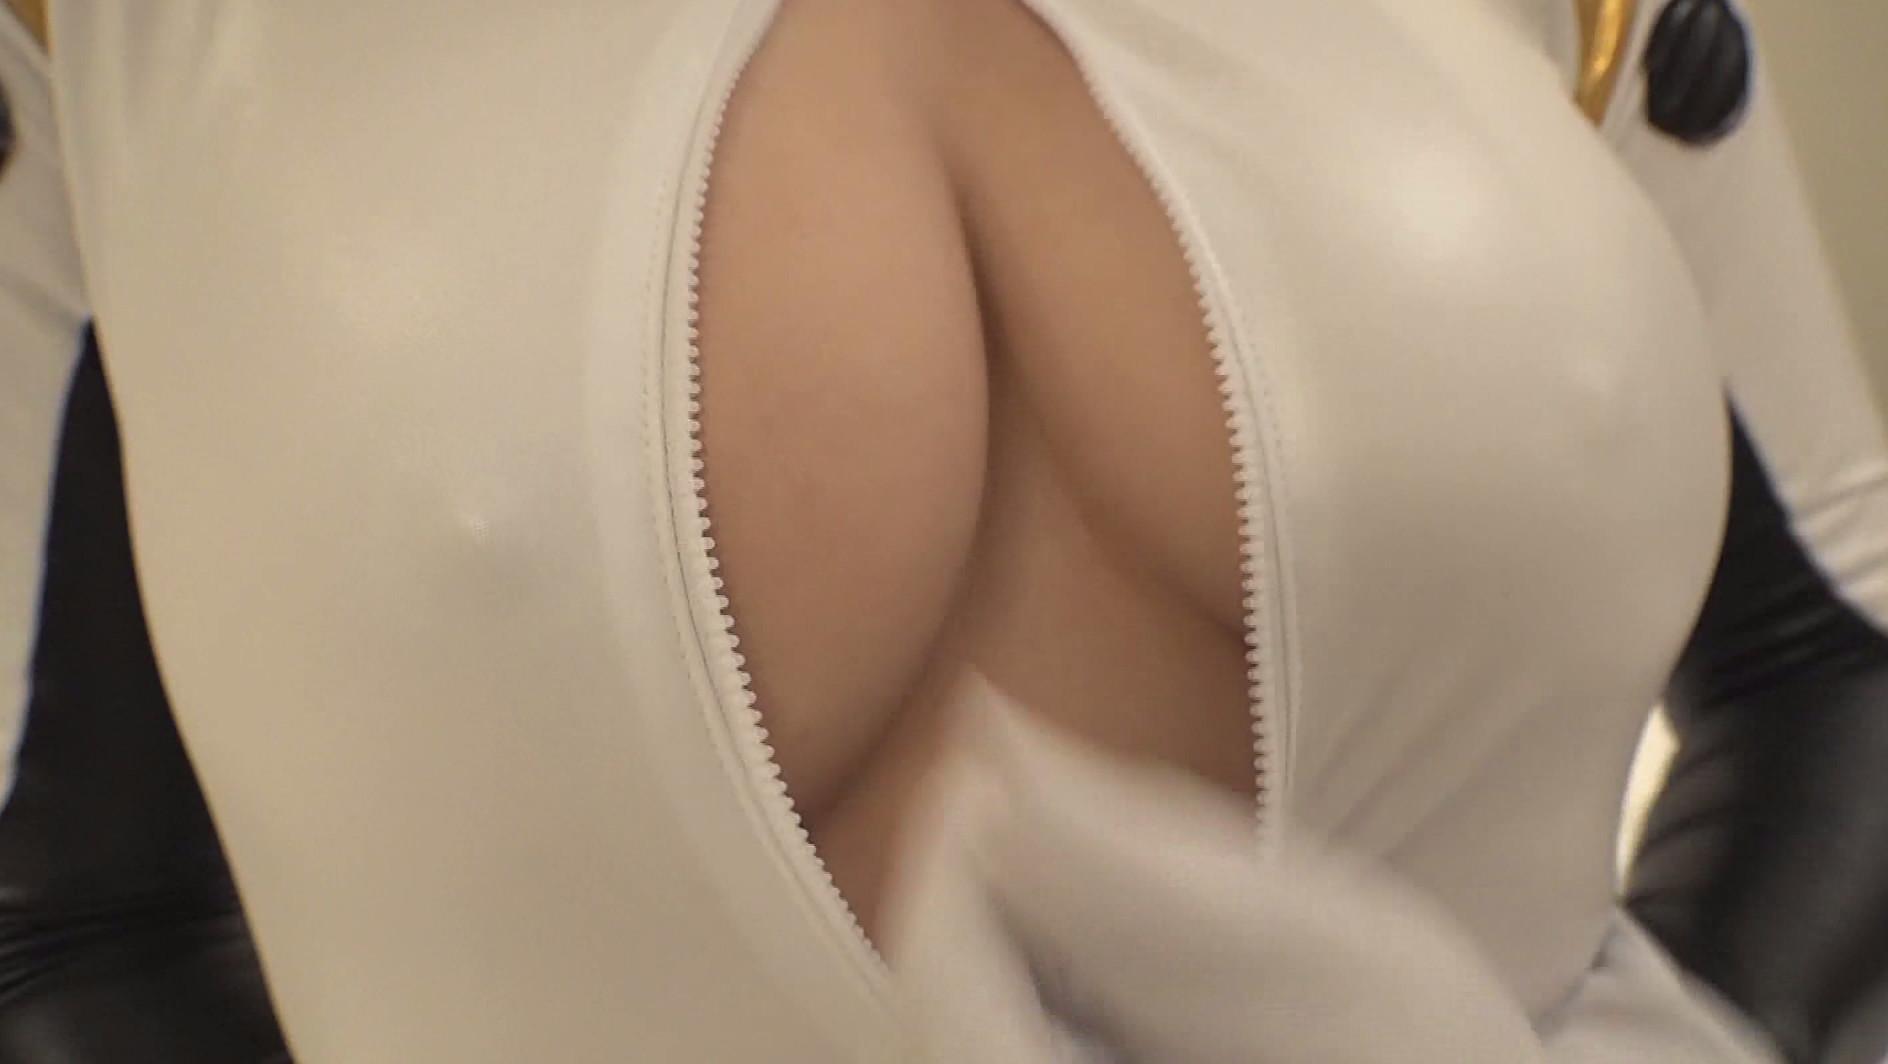 すーぱーさせ子 まお フォロワー数1万超え!天然Gカップ巨乳!おじさん好き現役有名コスプレイヤーの妊娠中出し生パコ催眠オフwww 画像2